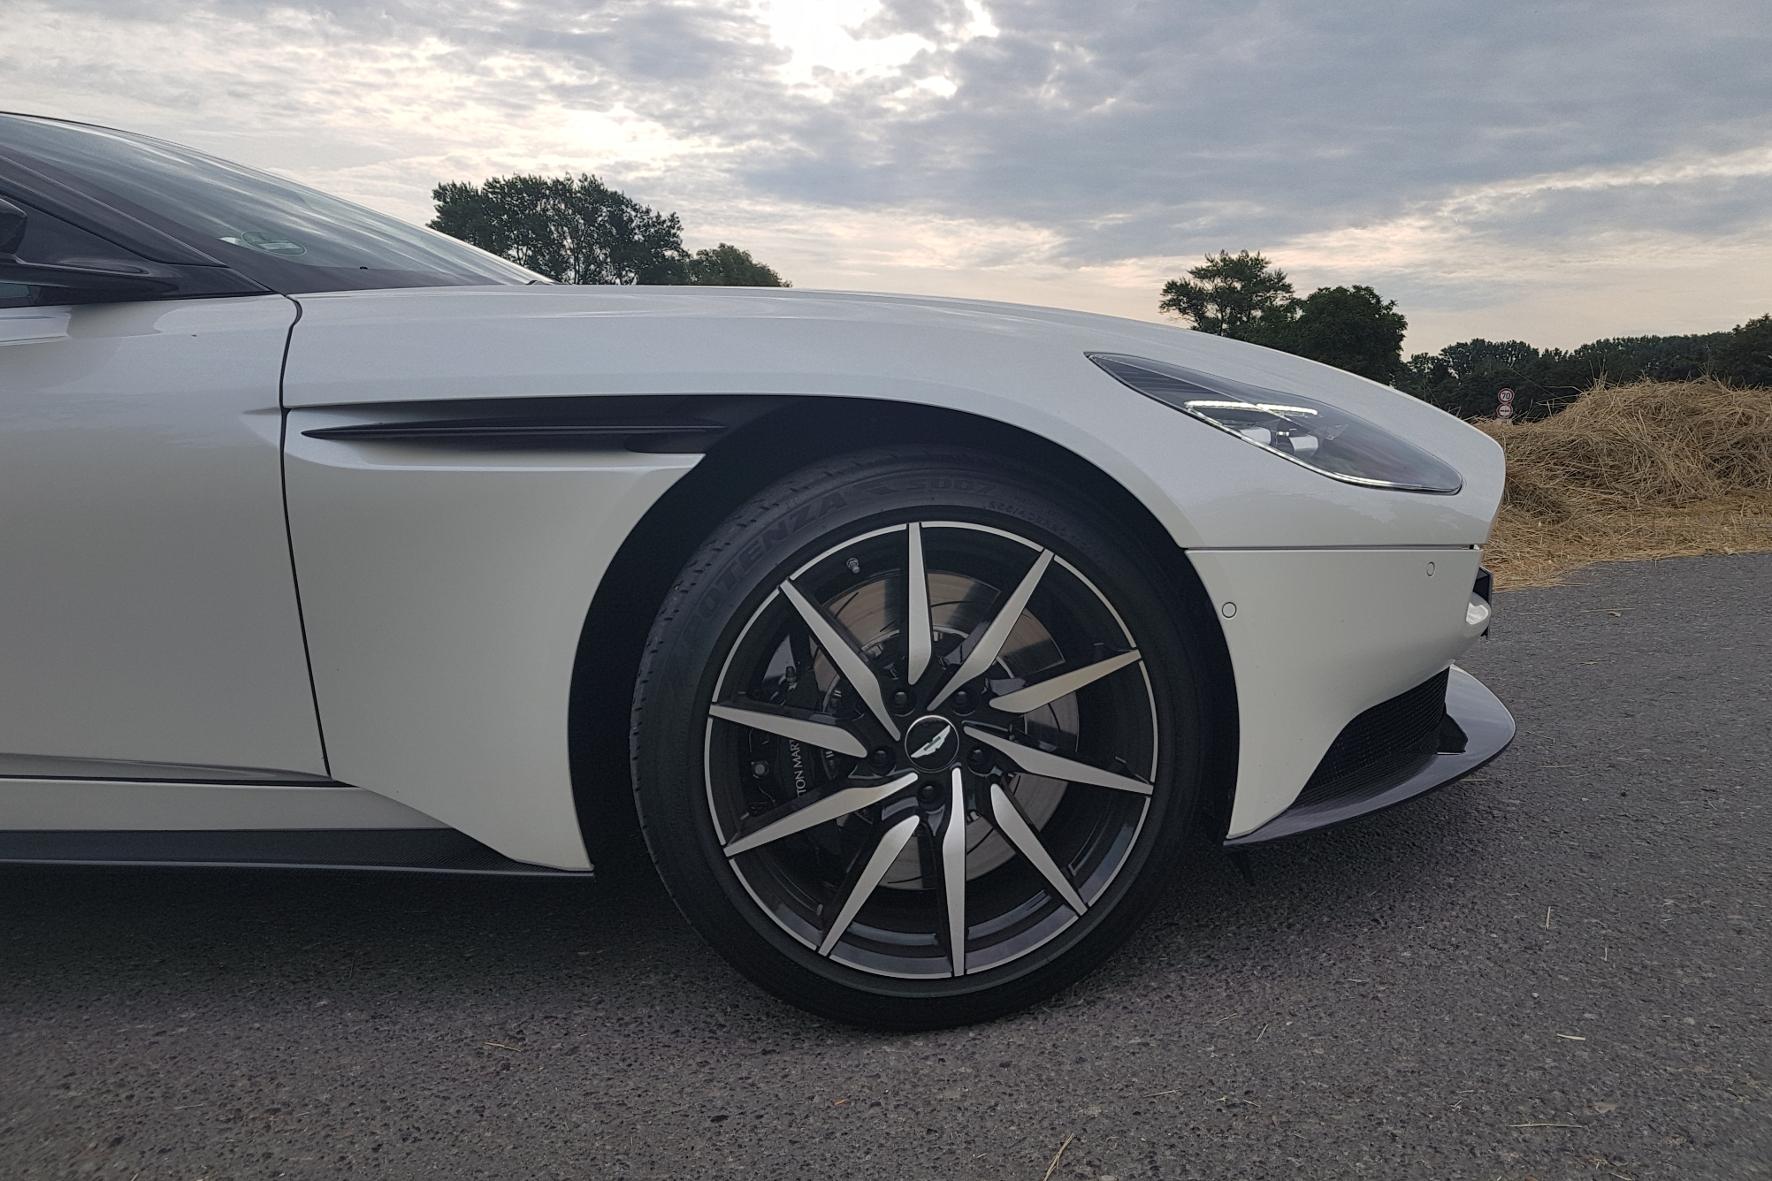 Die Aerodynamik-Elemente Curlicue im vorderen Kotflügel sorgen für eine optimale Luftverteilung und beste Straßenlage des Aston Martin DB11.